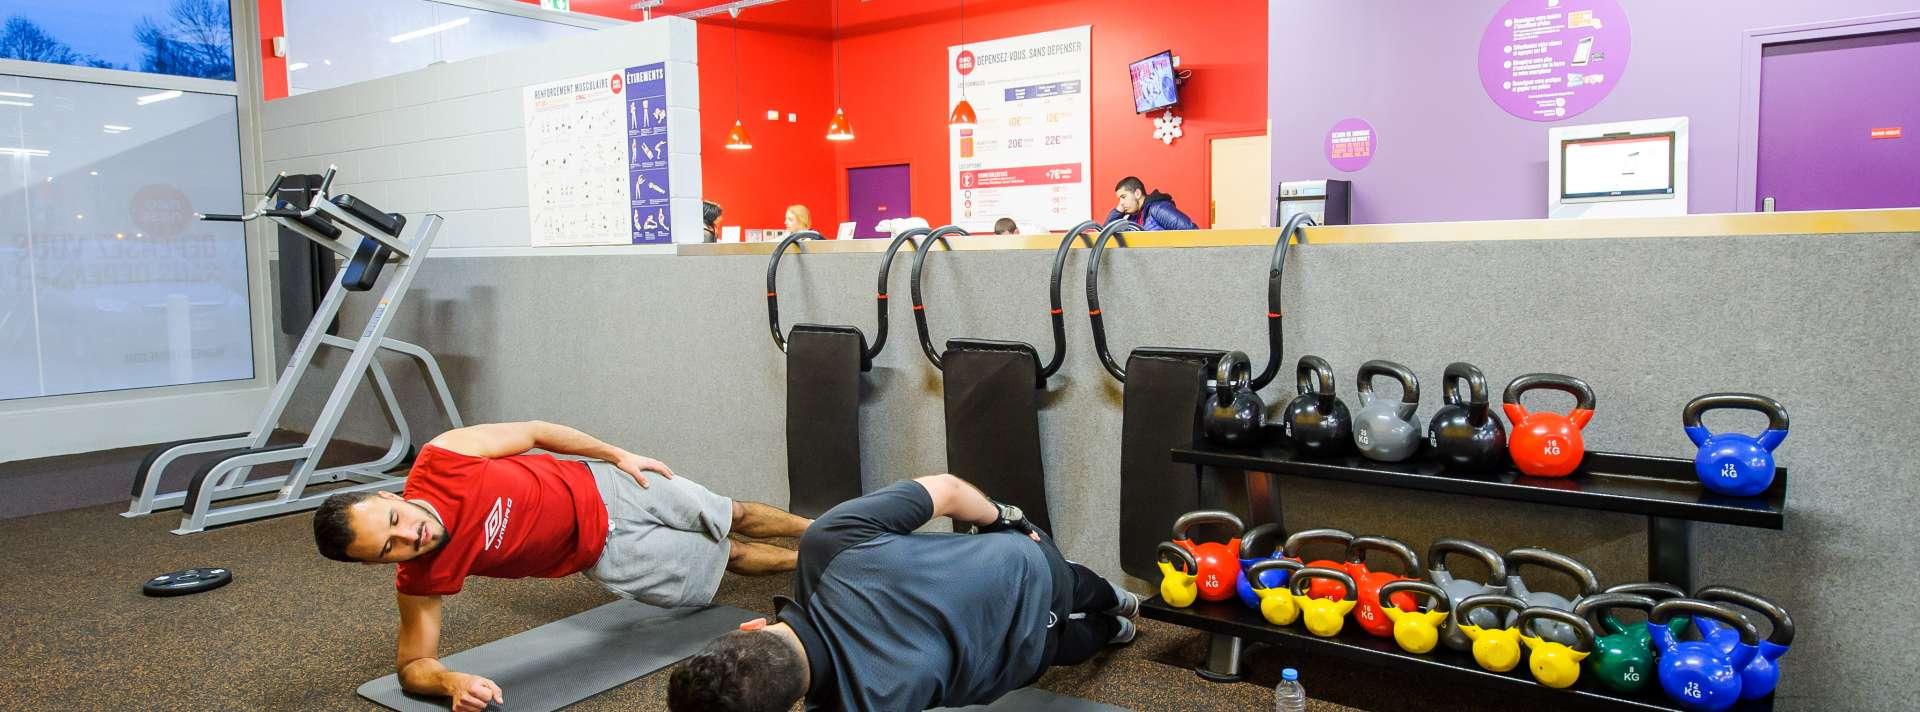 Neoness - Ccial Beau Sevran training area